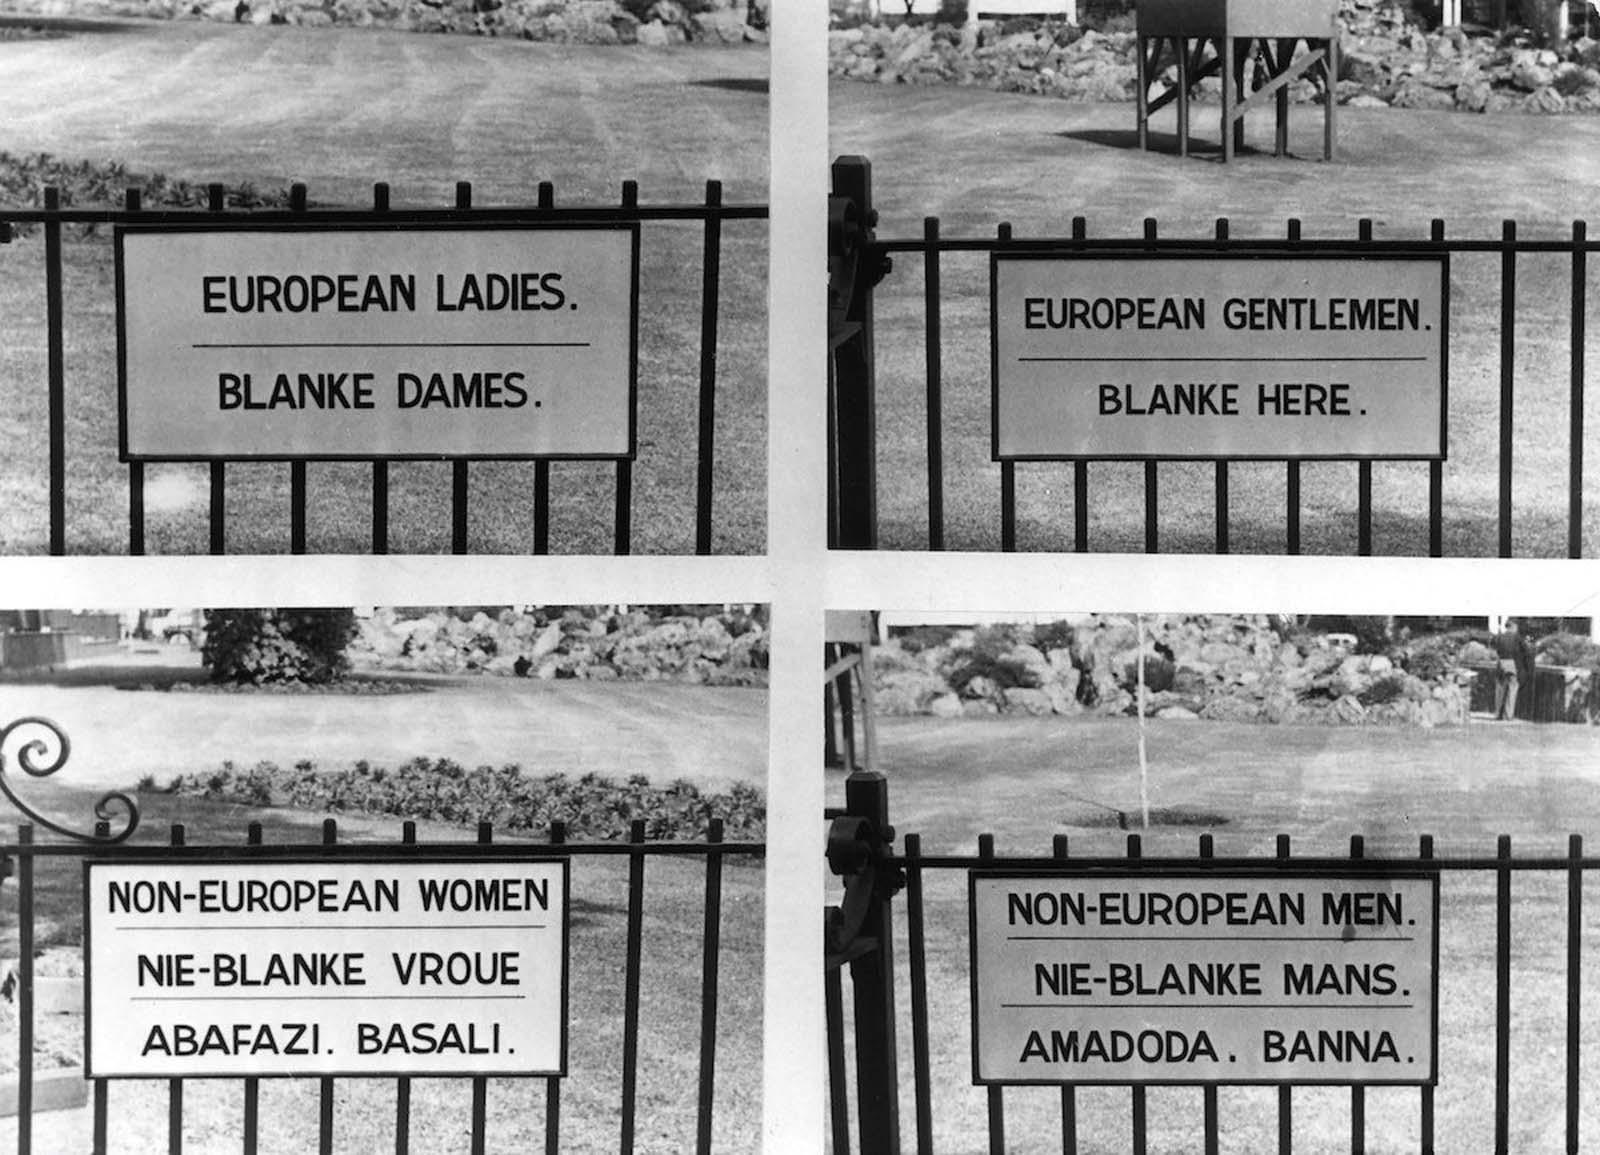 <p>1957, Йоханесбург: Знаци, обозначаващи разделените обществени места за европейски дами, господа и неевропейски жени и мъже.</p>